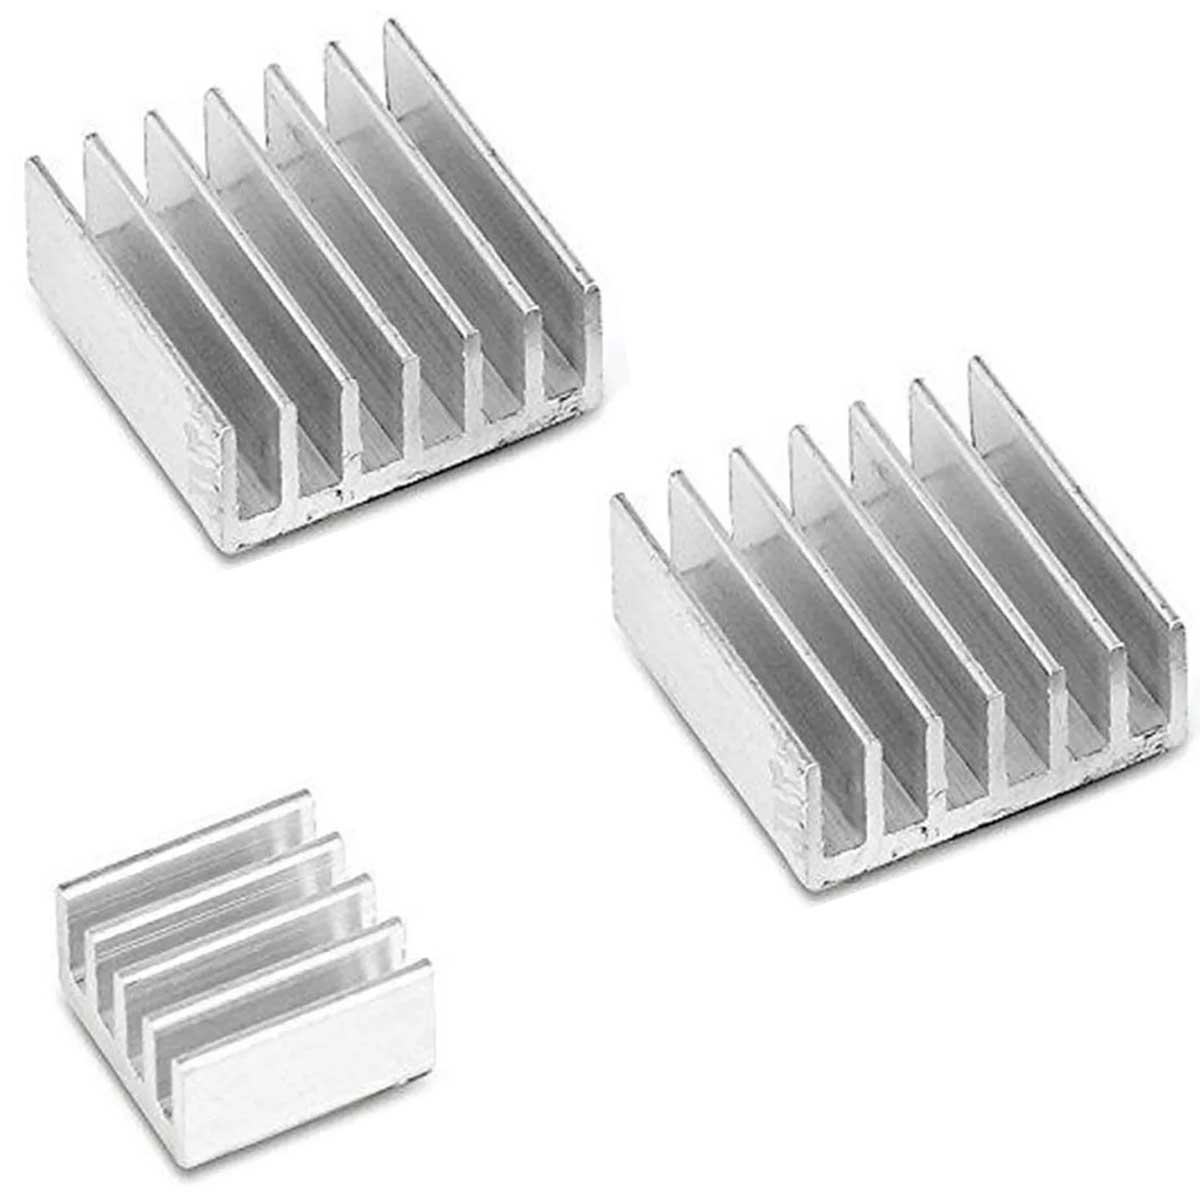 3x Dissipador de Calor Compatível com Raspberry PI, Lm2596, Arduino